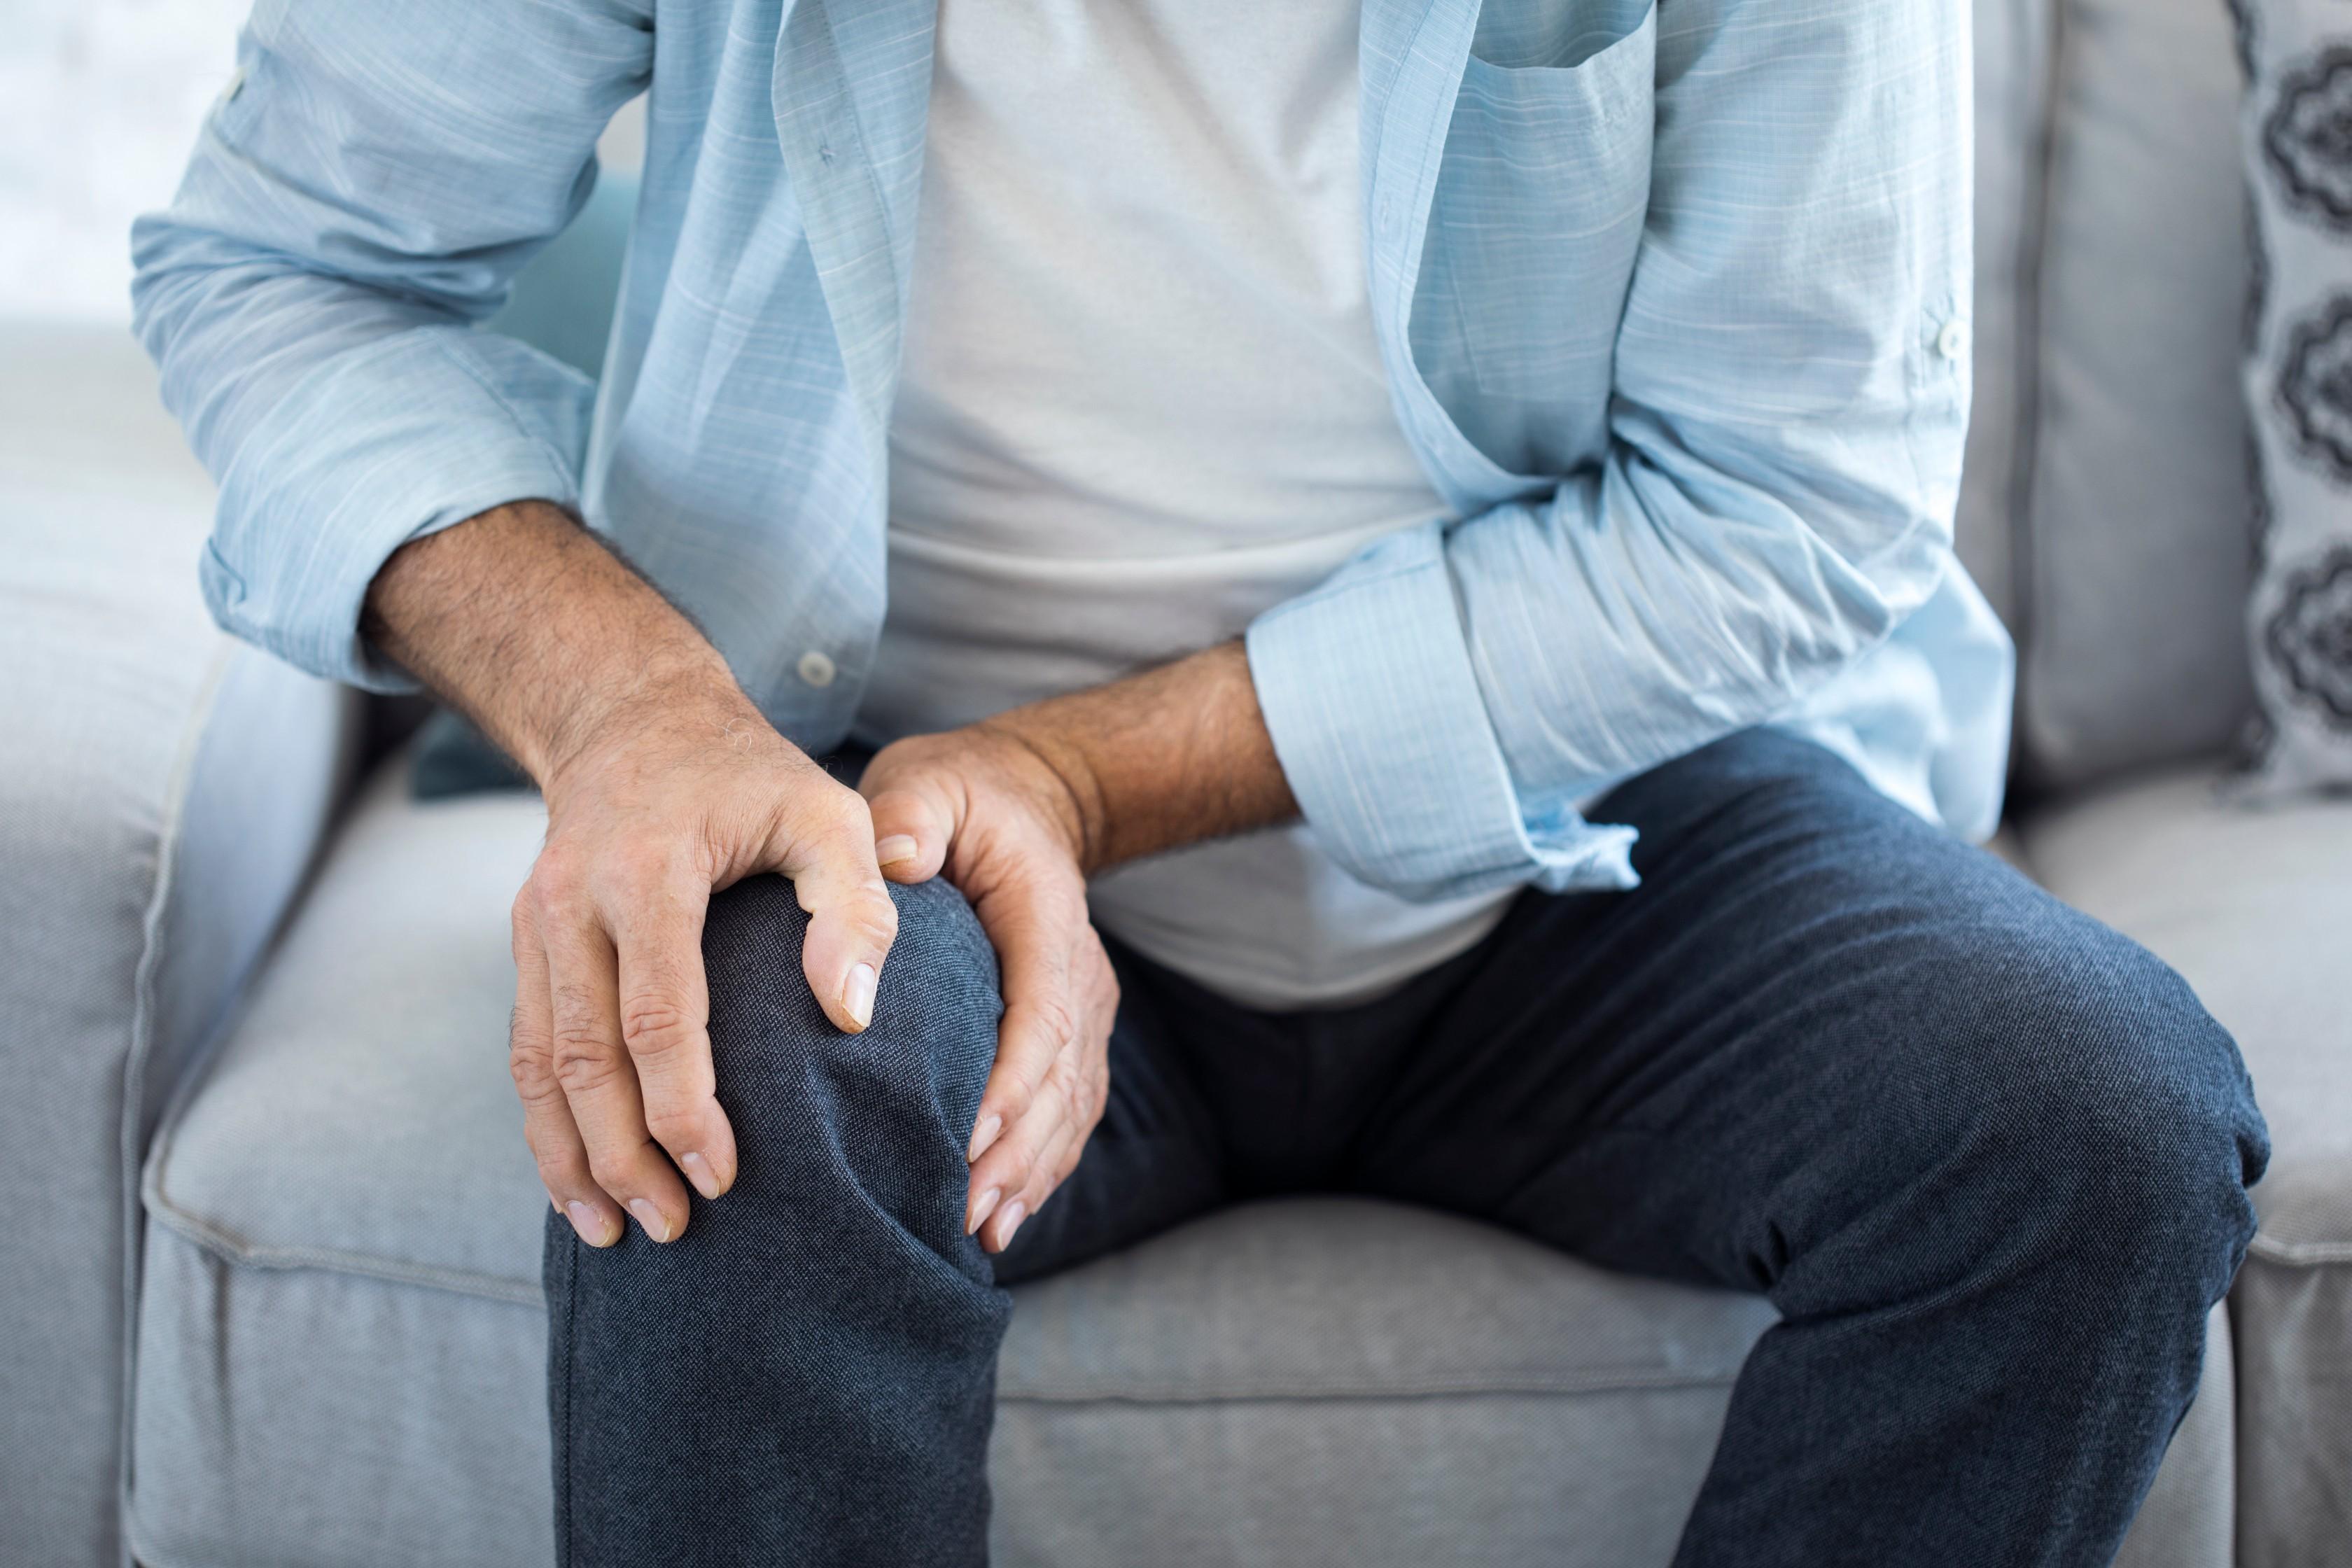 az emberi ízületek fájnak ízületi betegség vállkezelés